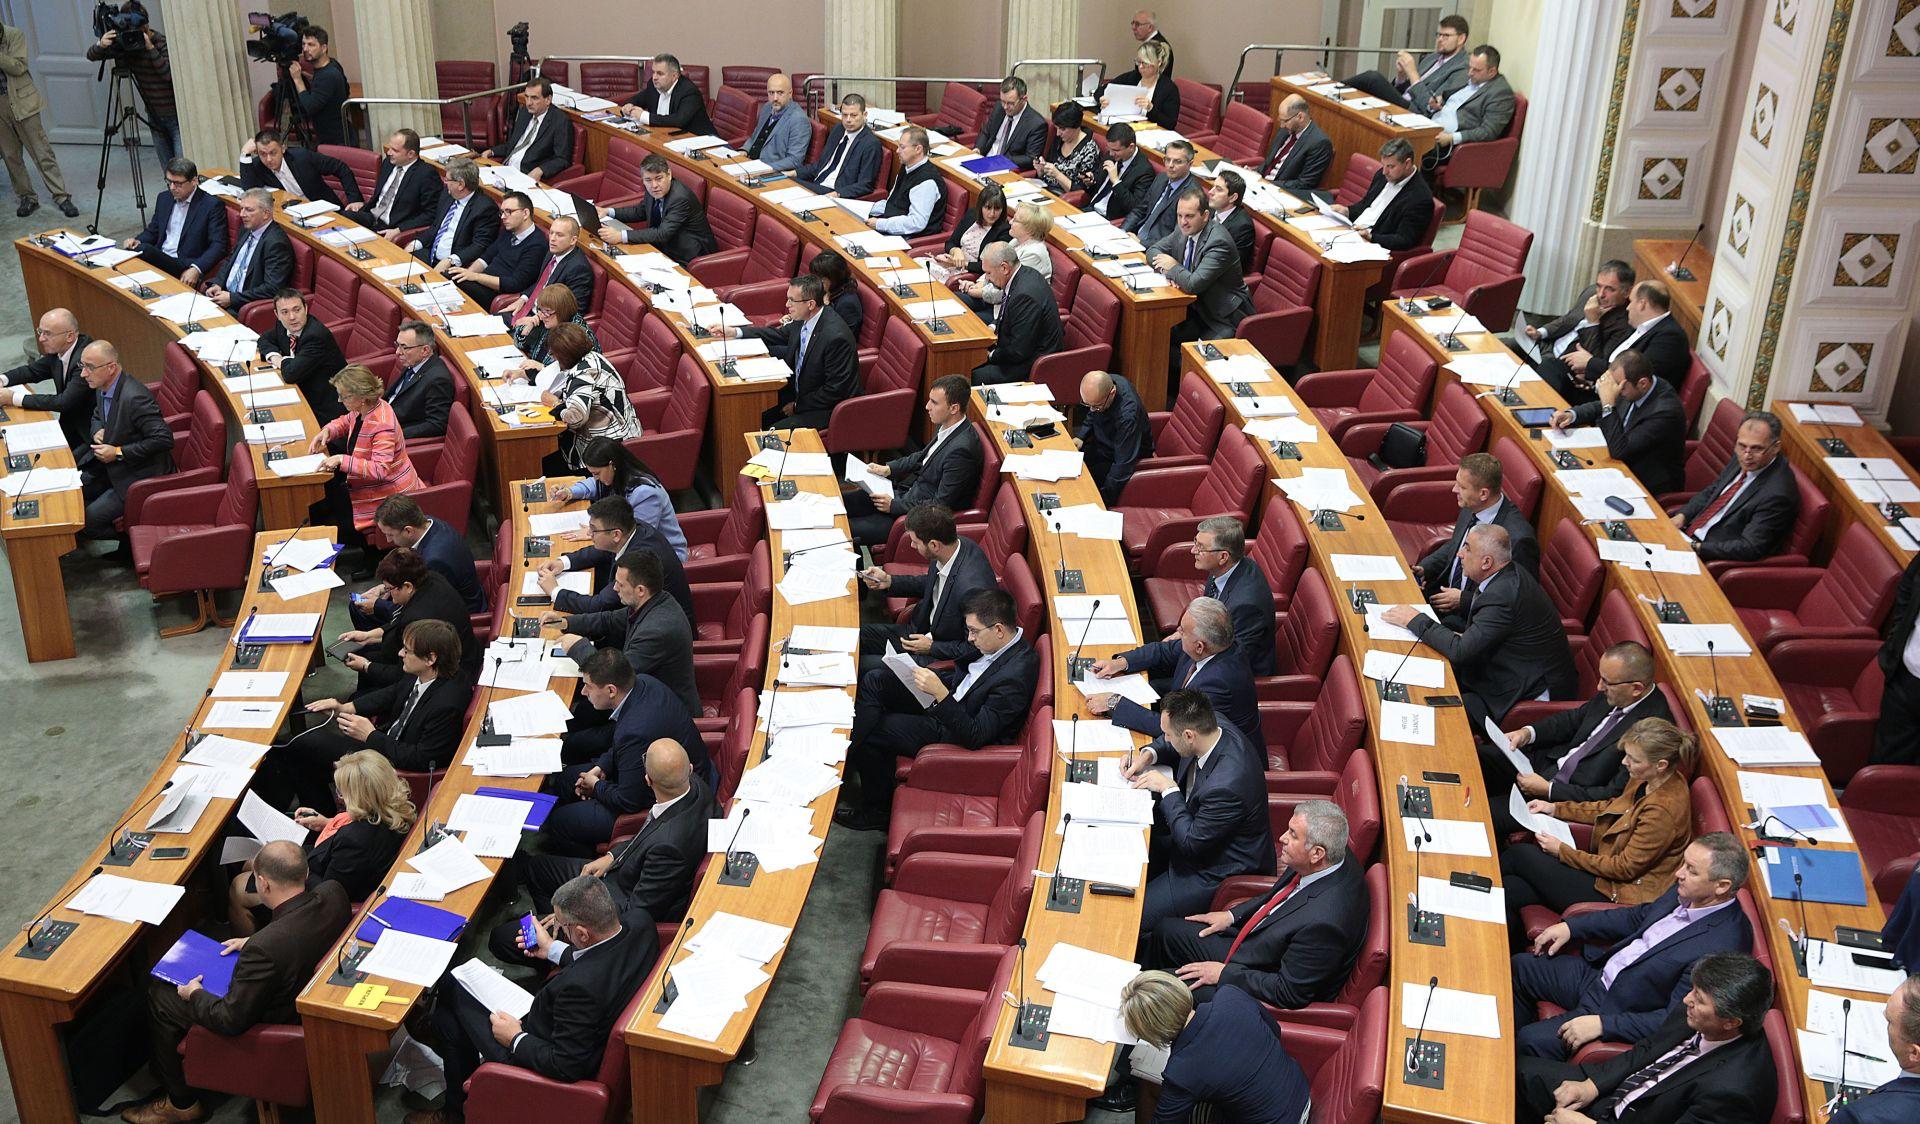 SJEDNICA SABORA Nakon stanki, otvorena rasprava o izmjeni Zakona o HRT-u